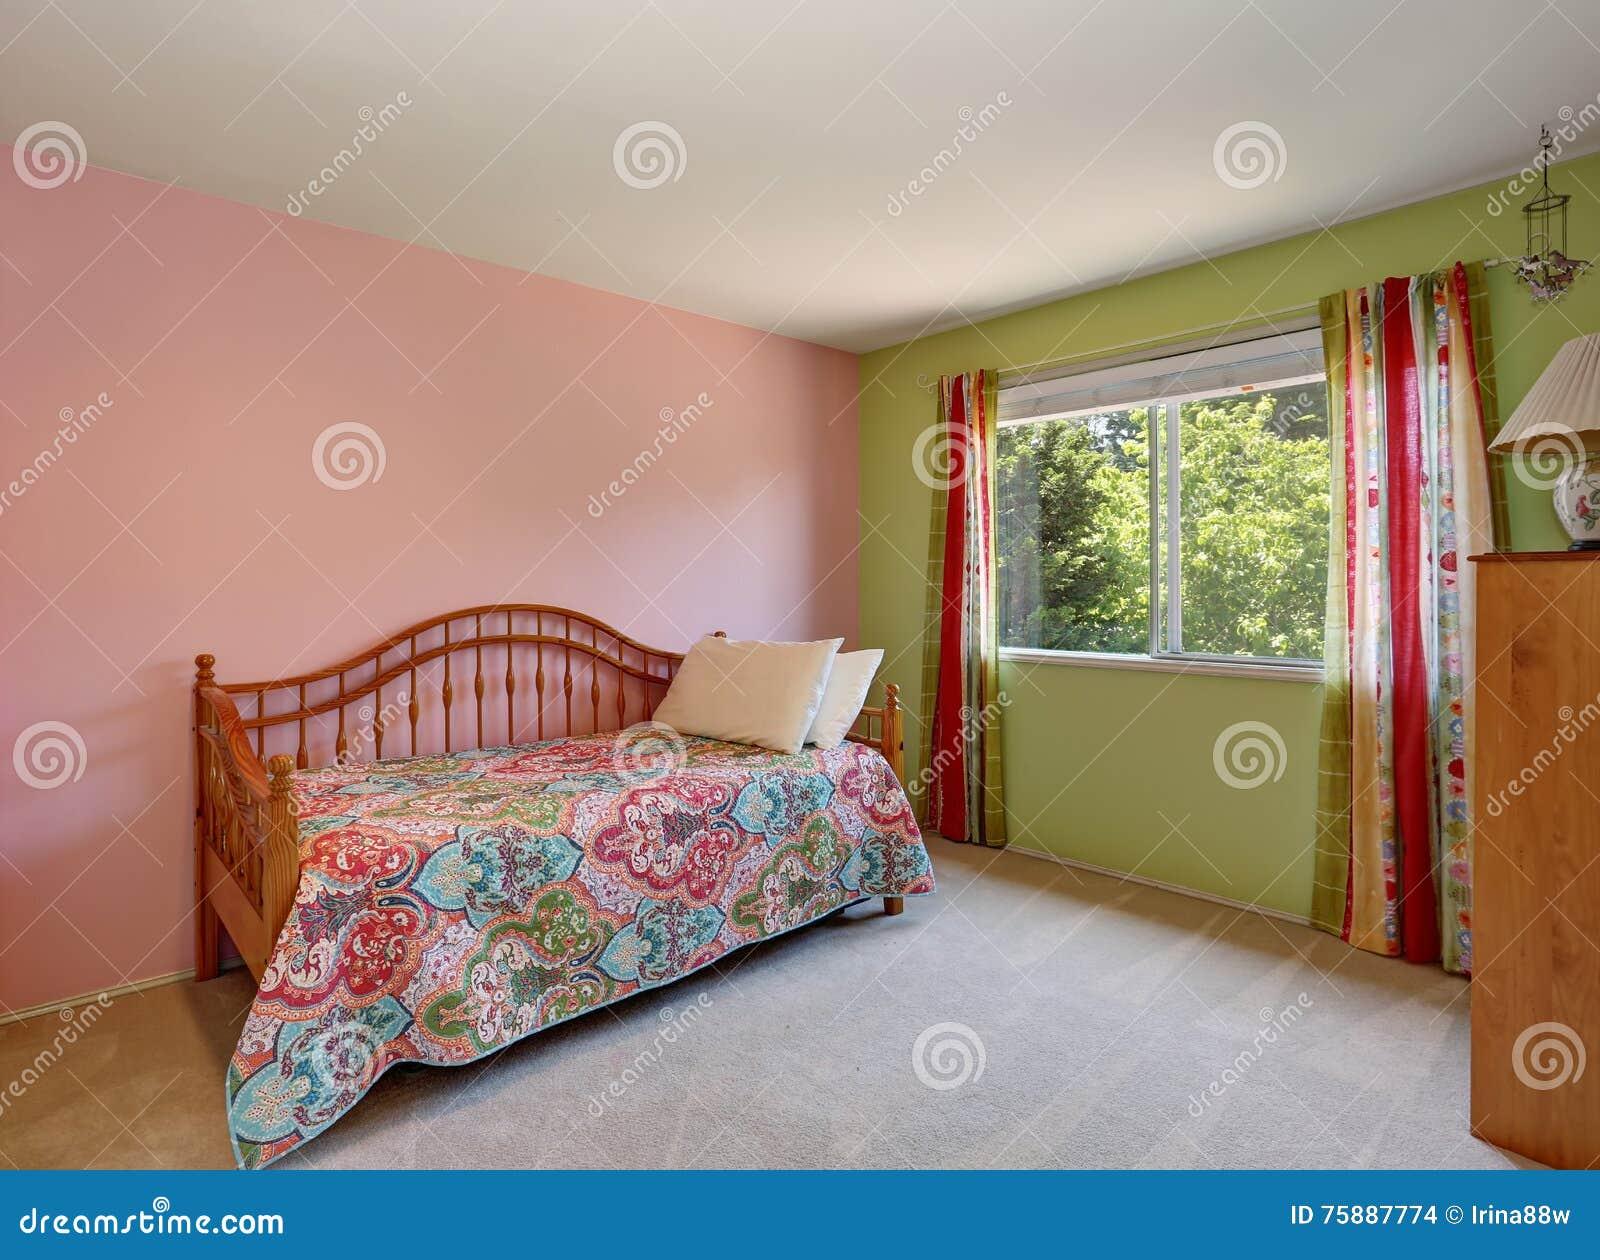 Camera Da Letto Verde E Rosa : Interno adulto rosa moderno della camera da letto parete inoltre